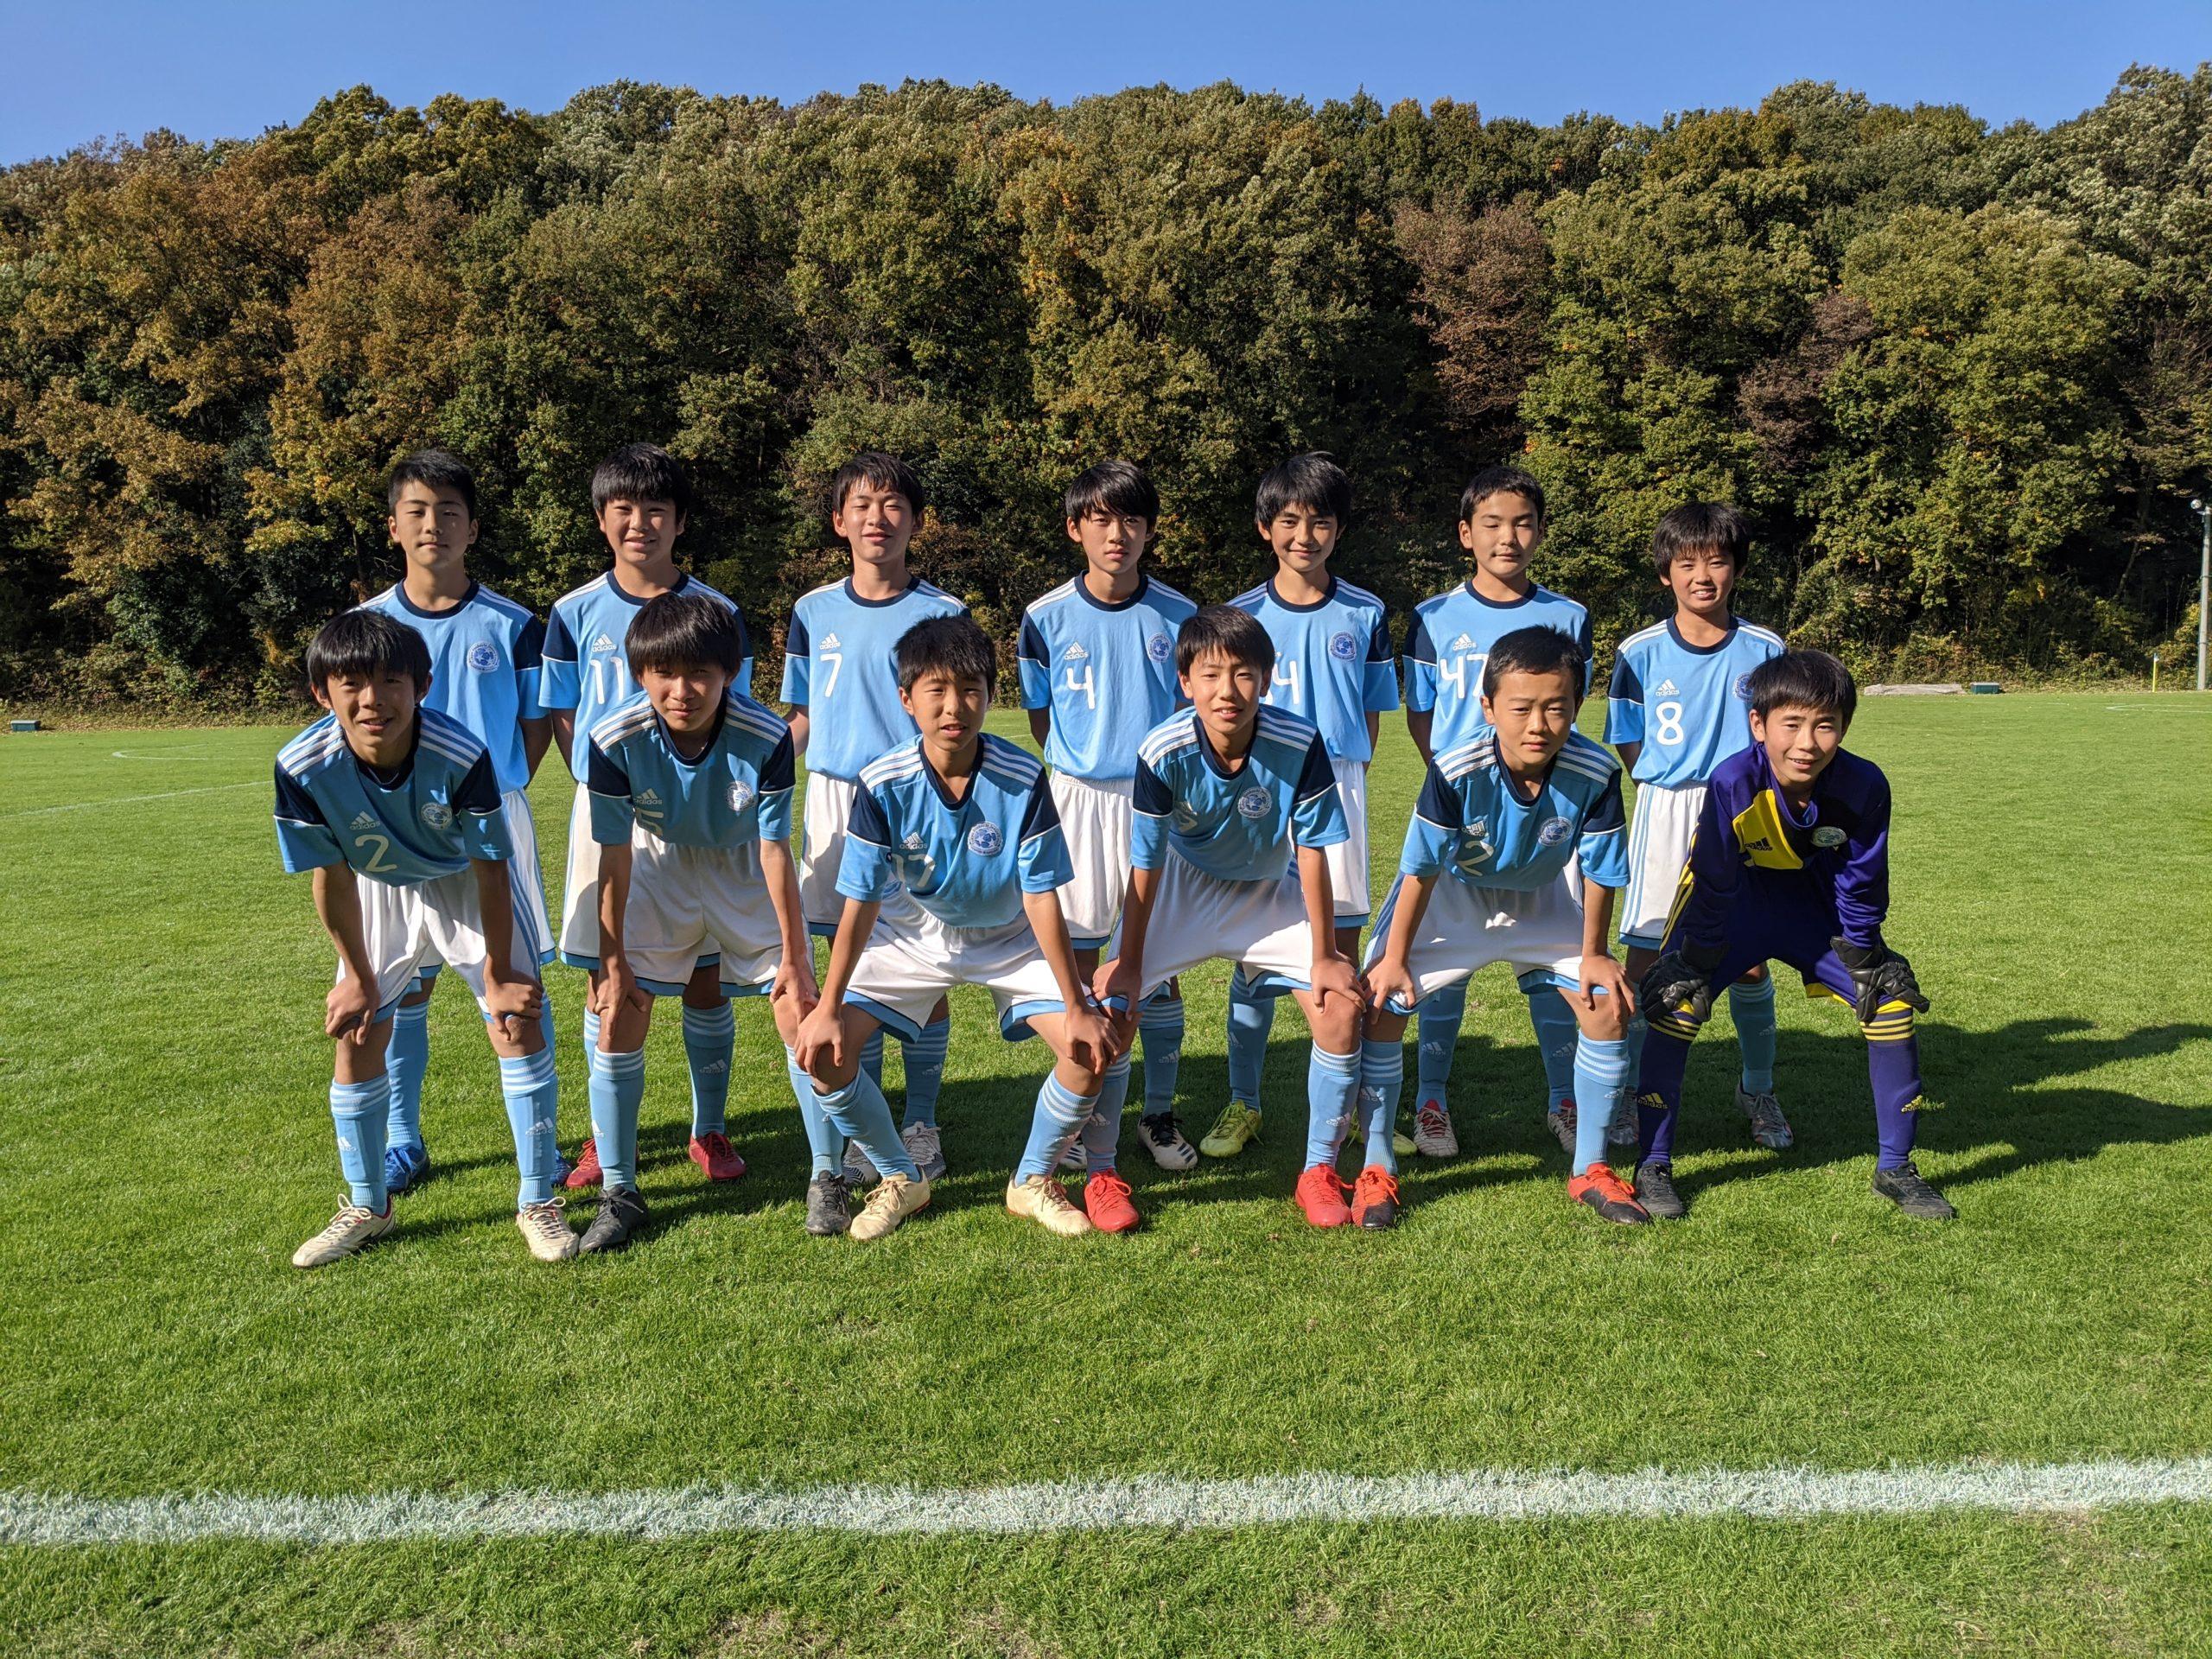 クラブユース選手権U-14 vs FC駒沢